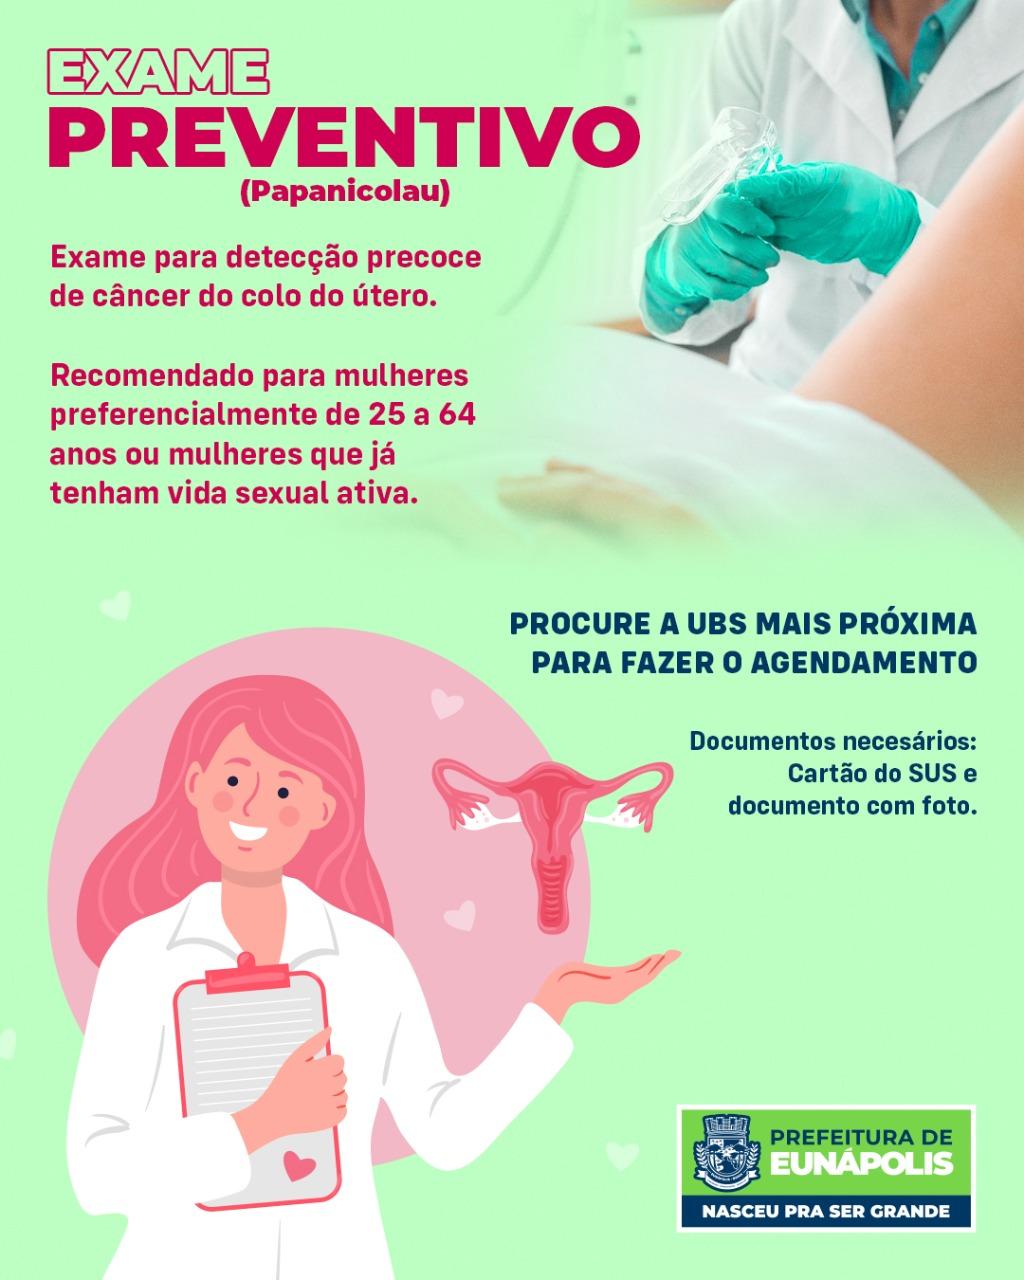 Prefeitura de Eunápolis oferta exame preventivo gratuito após dois anos de paralisação do serviço 18